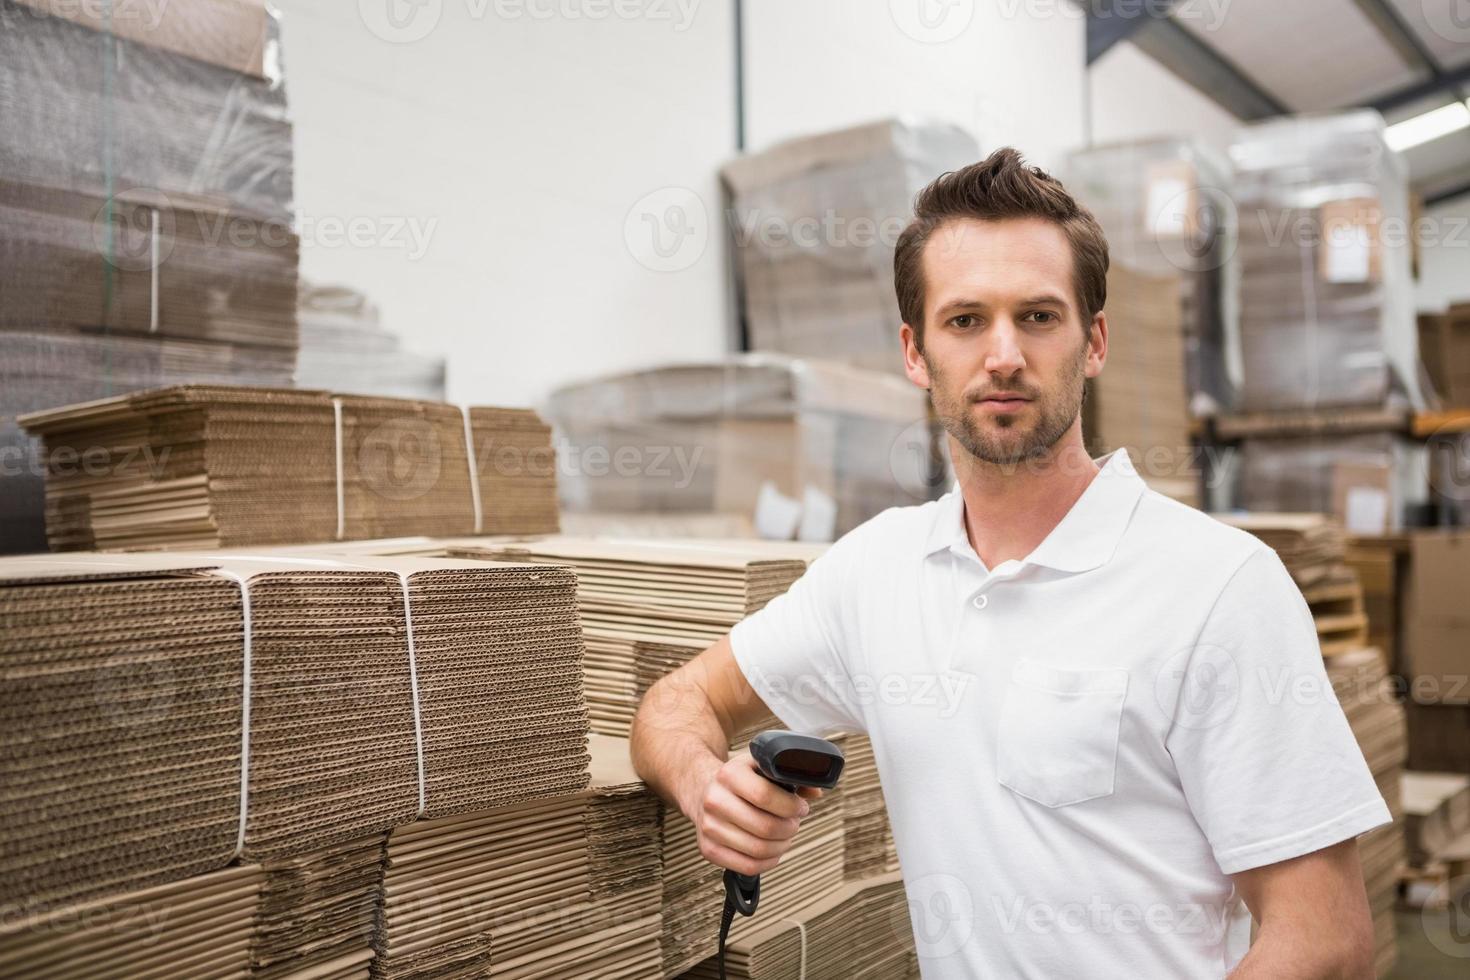 trabajador de almacén serio con escáner foto